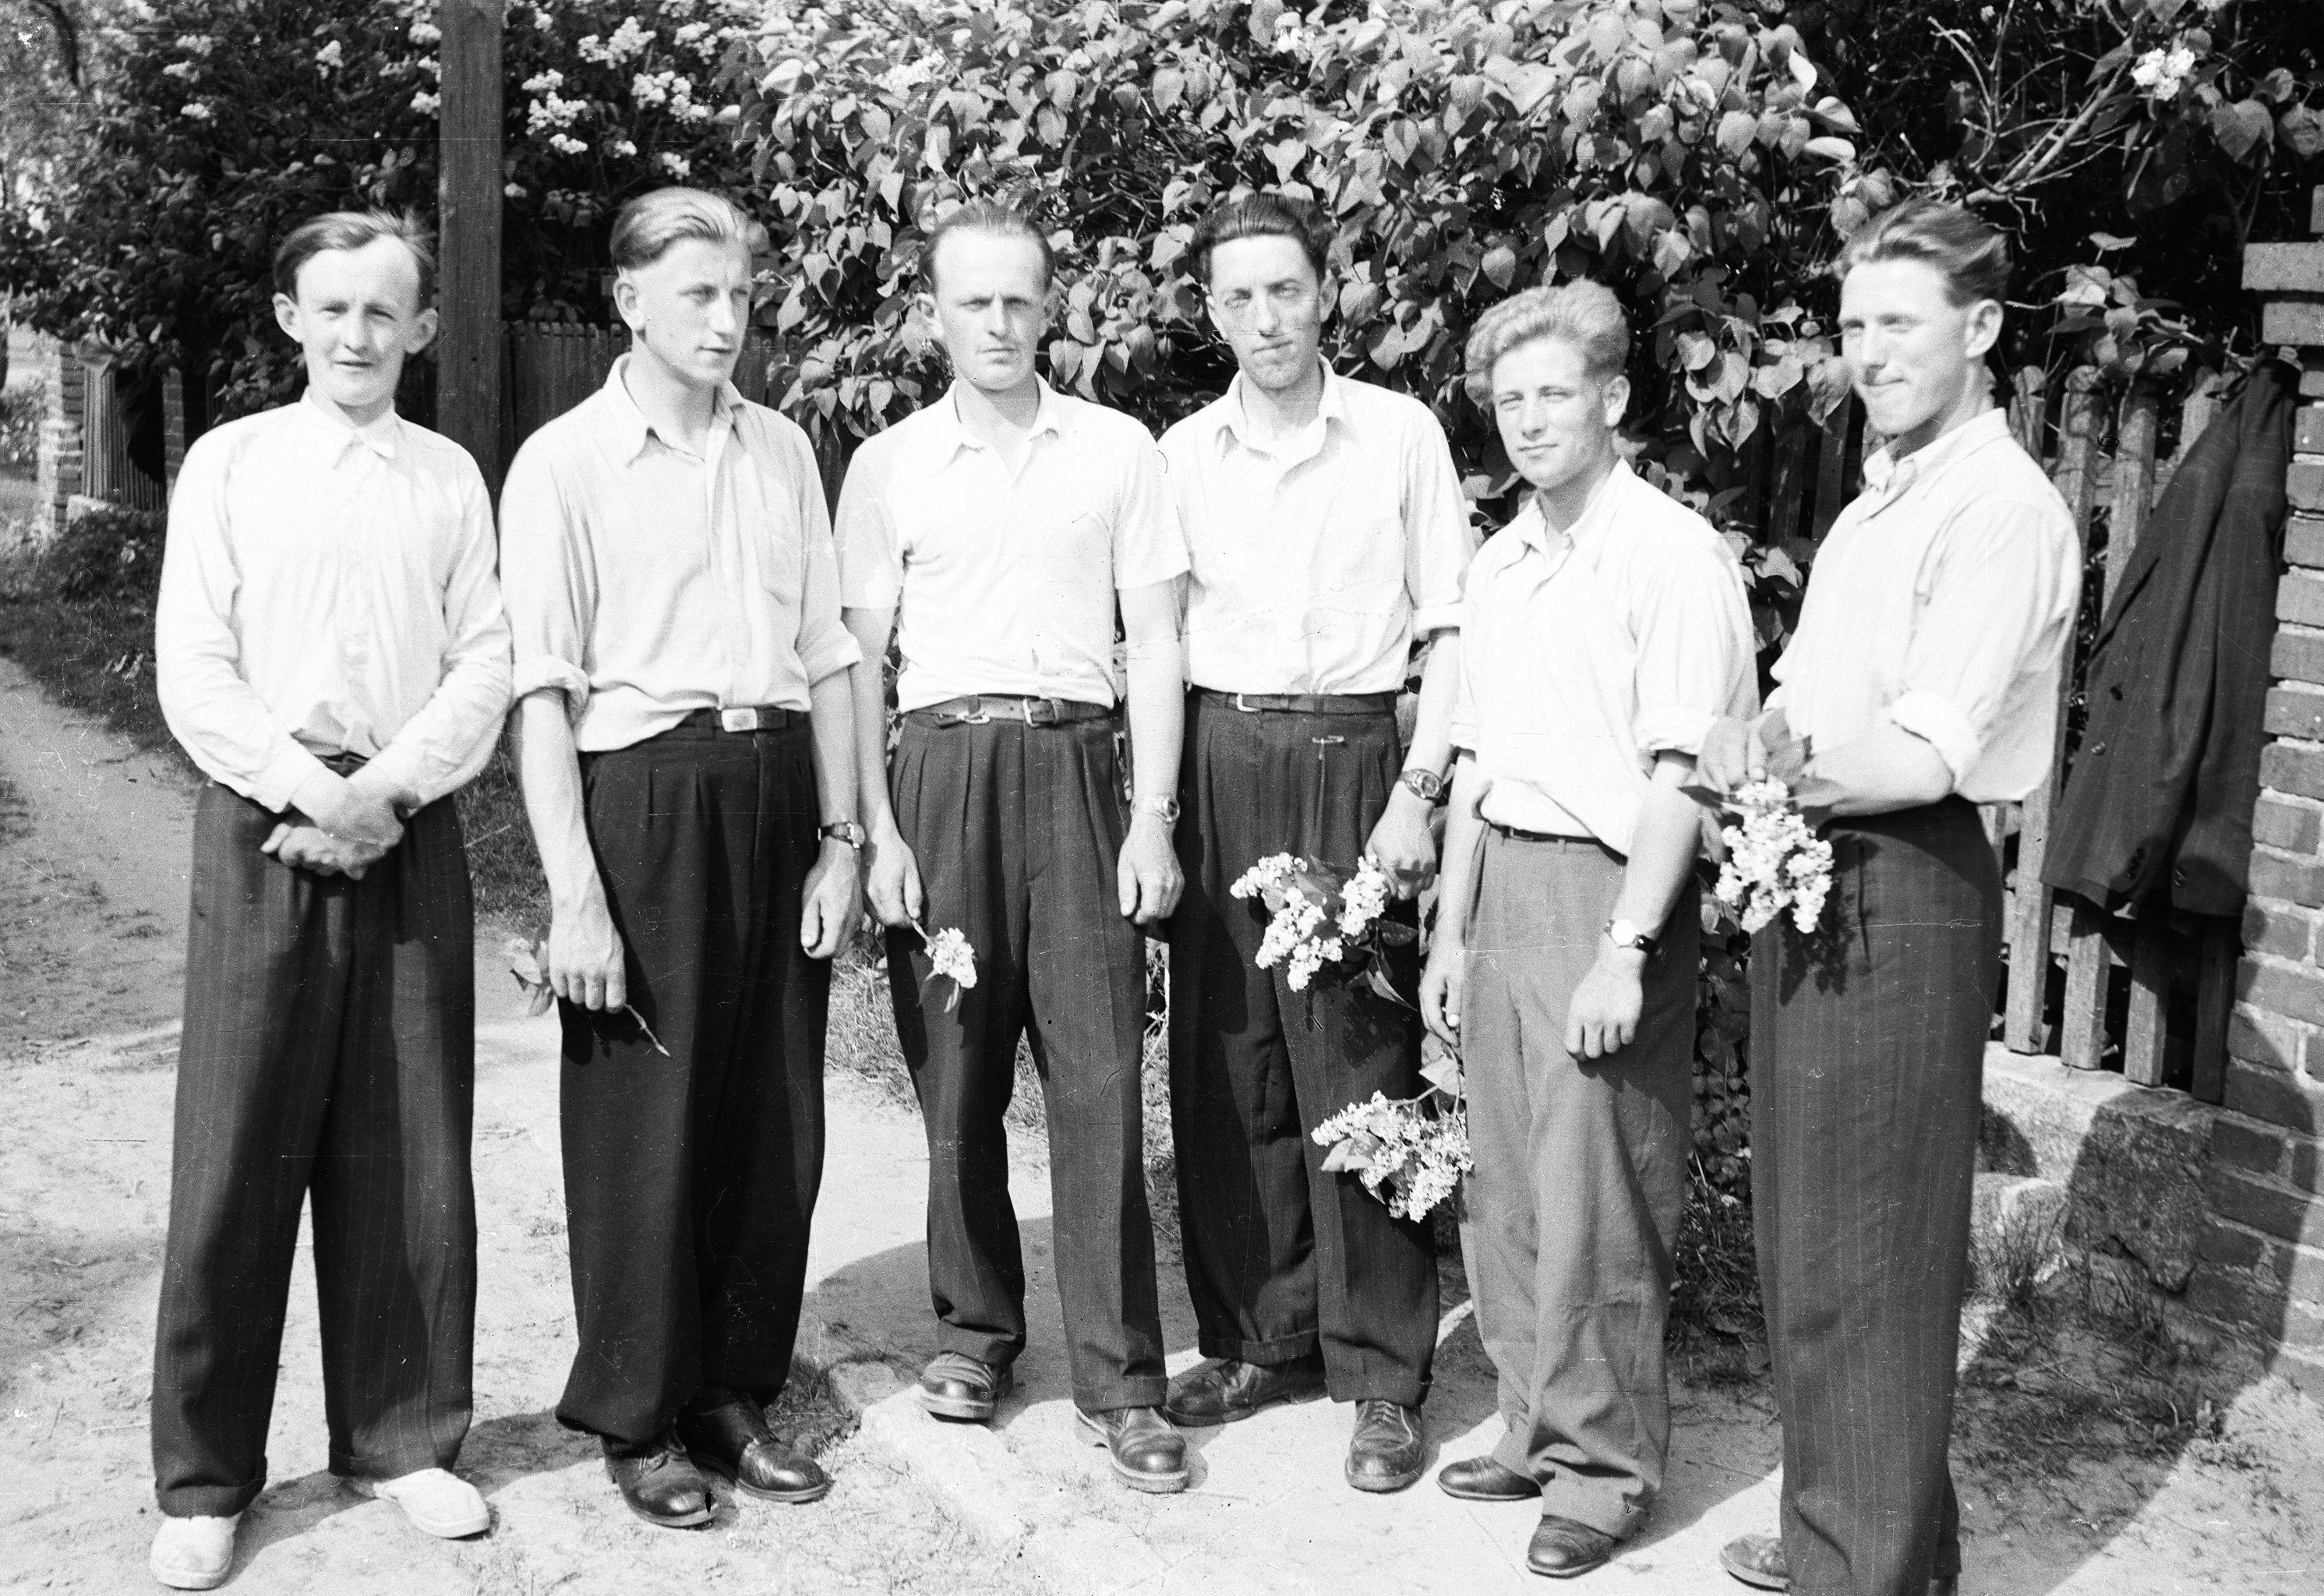 Mieszkańcy Brzózki przesiedleni z Kresów, od lewej: Józef Kotla, Stanisław Słoma, Władysław Kotla, Jan Wacławowicz, Władysław Słoma, Stanisław Wacławowicz, Dolny Śląsk, lata 50. XX w.